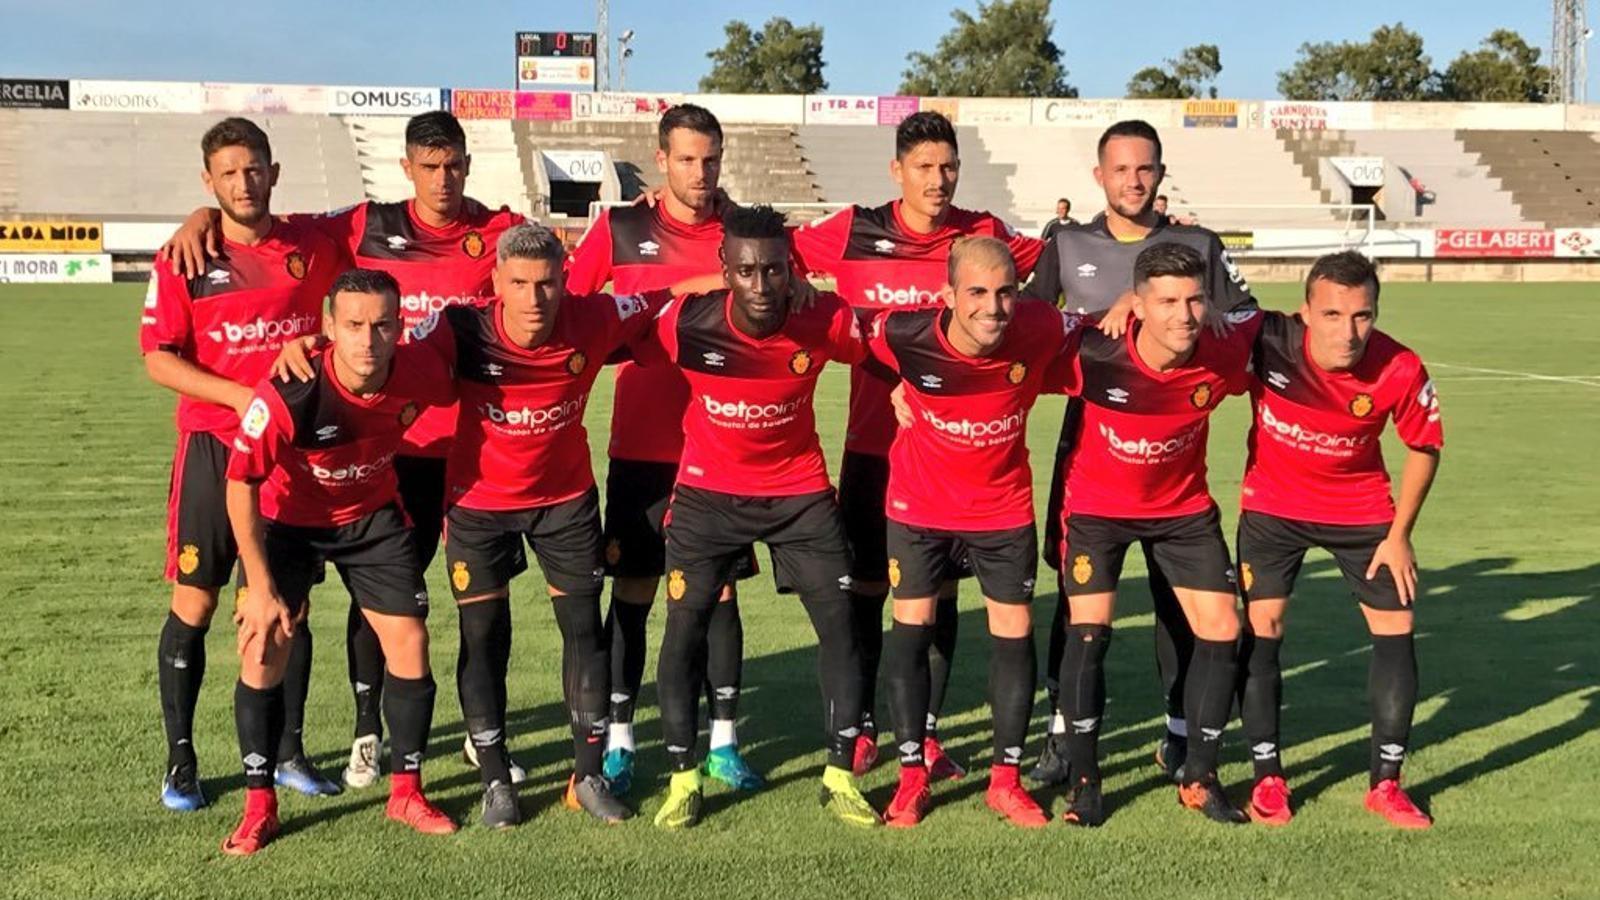 El RCD Mallorca guanya 5-0 al Fenalitx